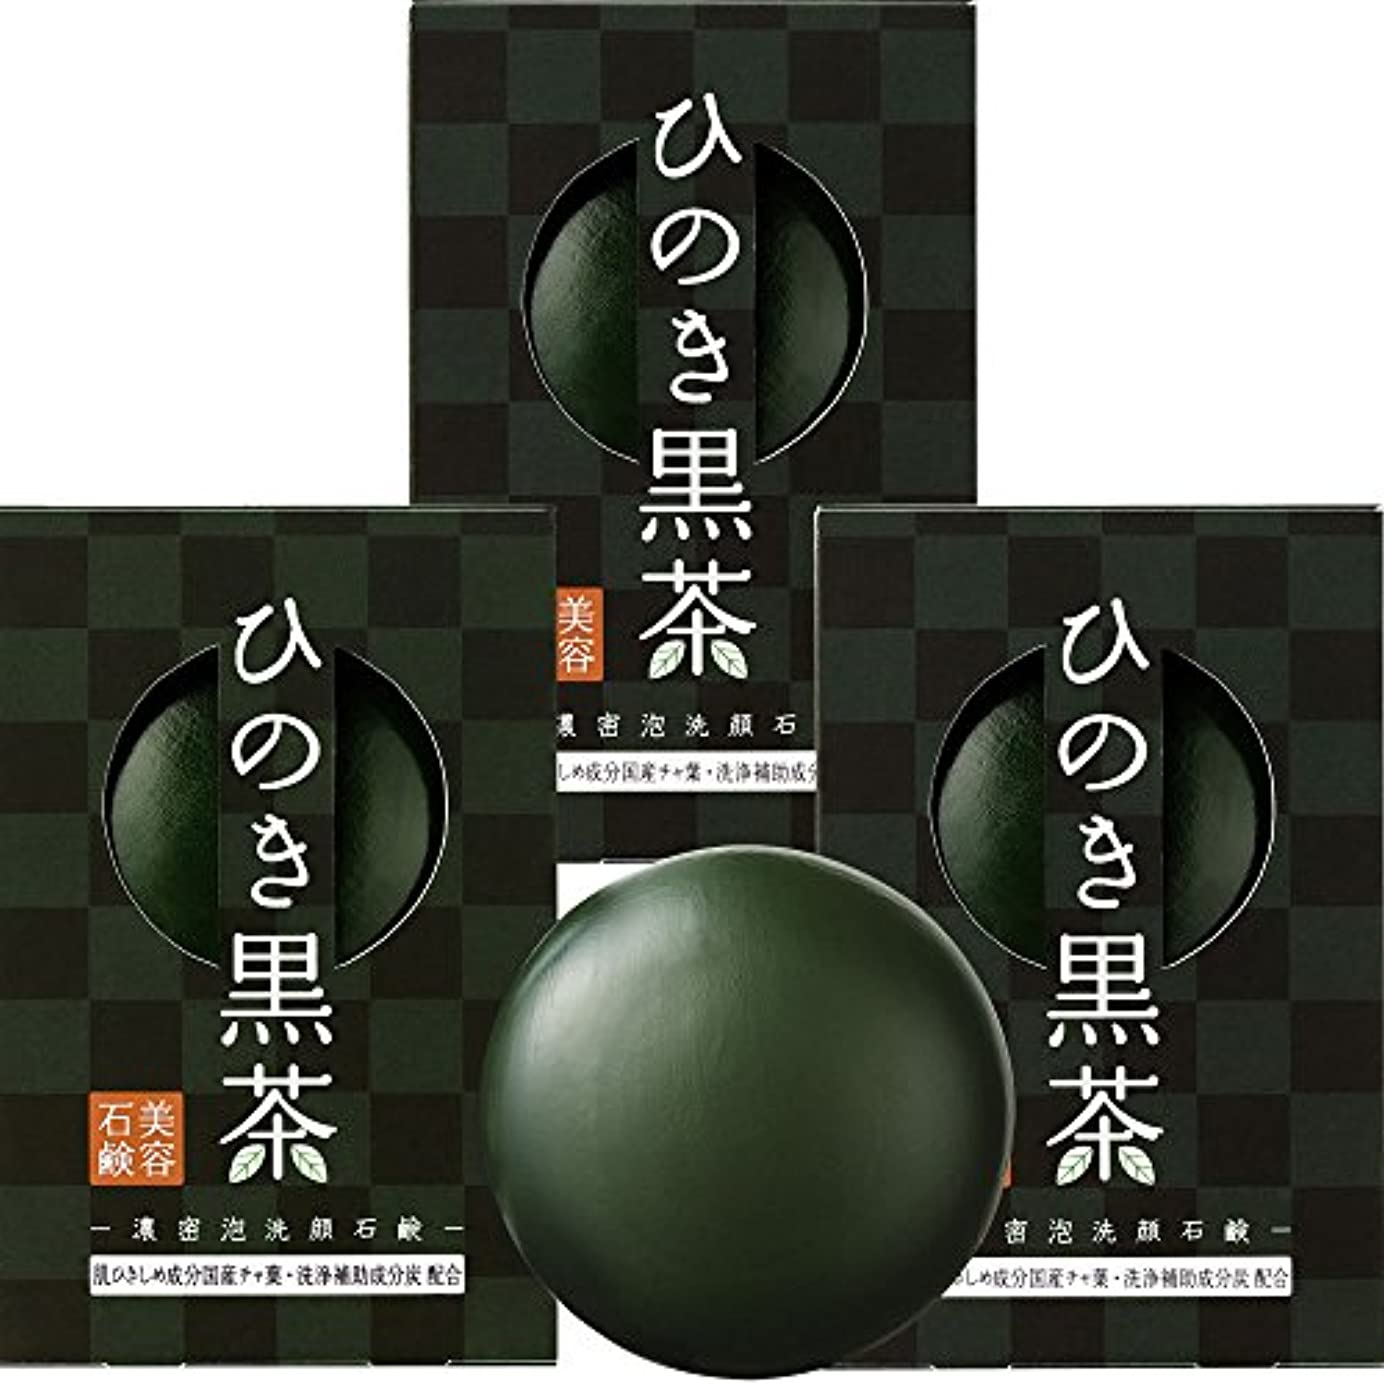 ボタン感じるスリラーひのき黒茶石鹸 (80g×3個) [保湿成分配合] ヒアルロン酸 コラーゲン